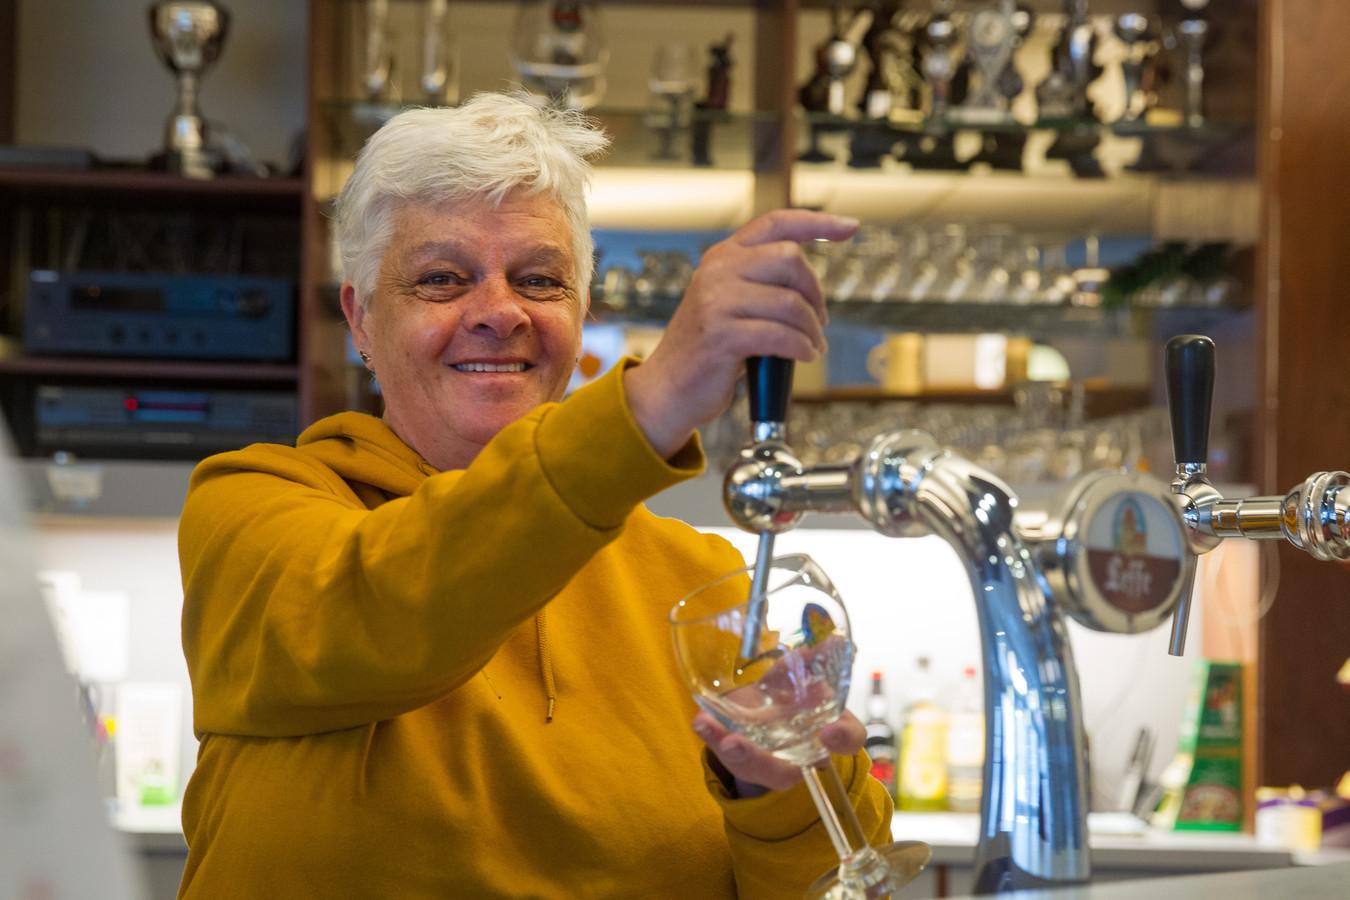 Charlotte van Beek neemt na zo'n 20 jaar afscheid als beheerder van 't Tweespan in Veldhoven, maar blijft als vrijwilliger bardiensten draaien.